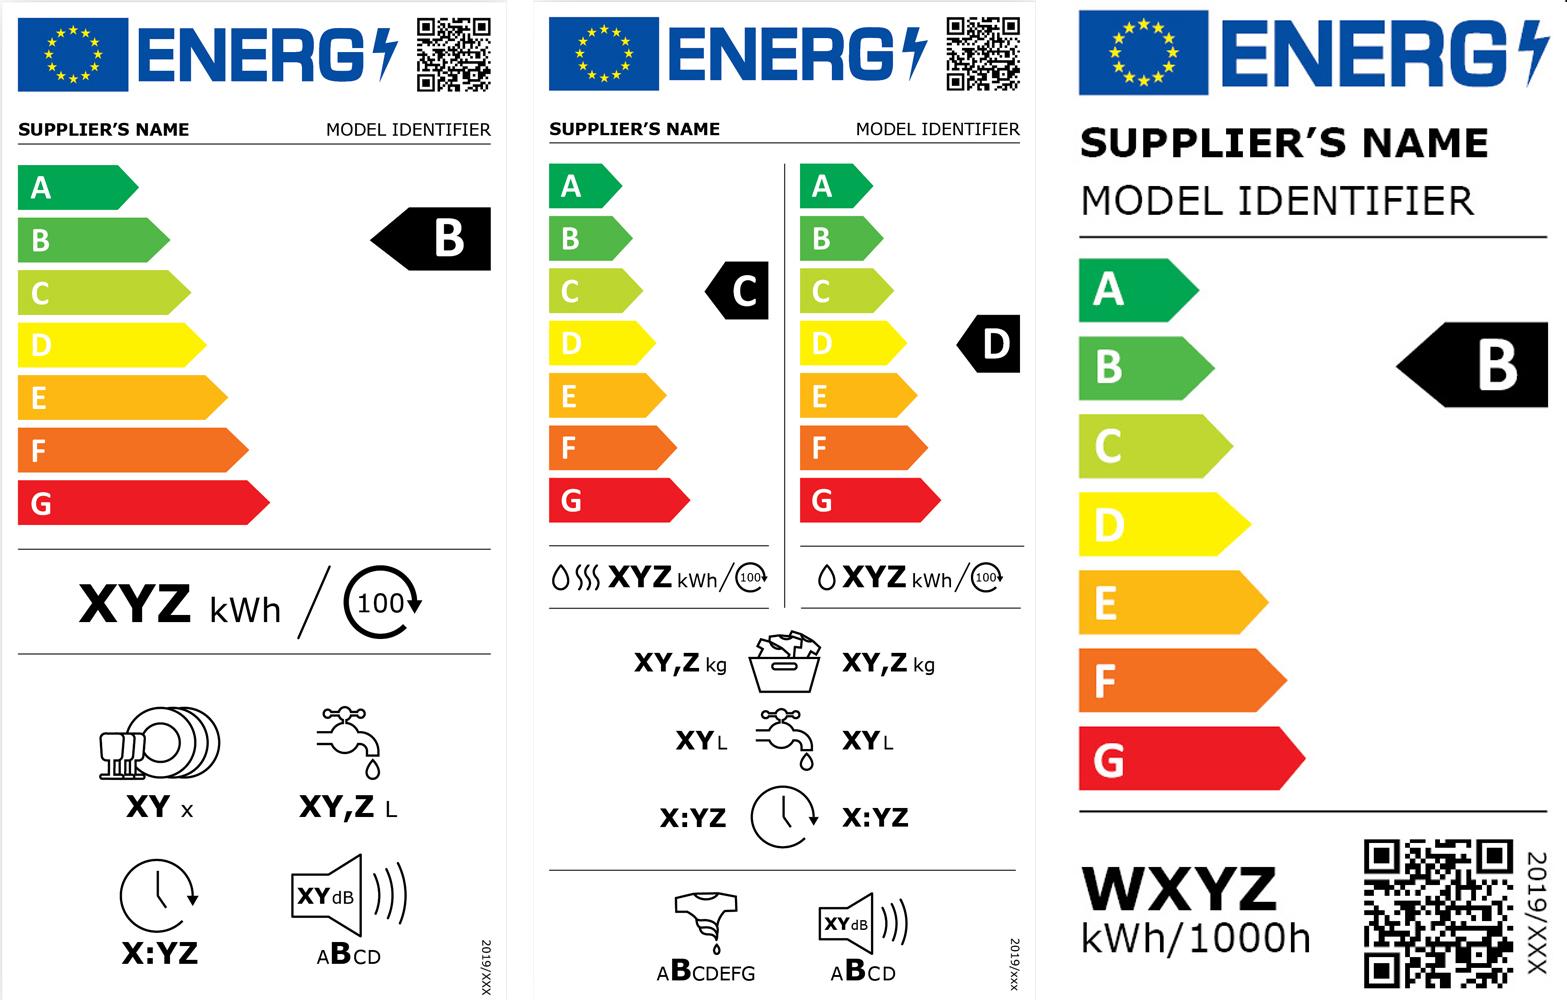 Mostantól kötelező az új uniós energiacímkék használata